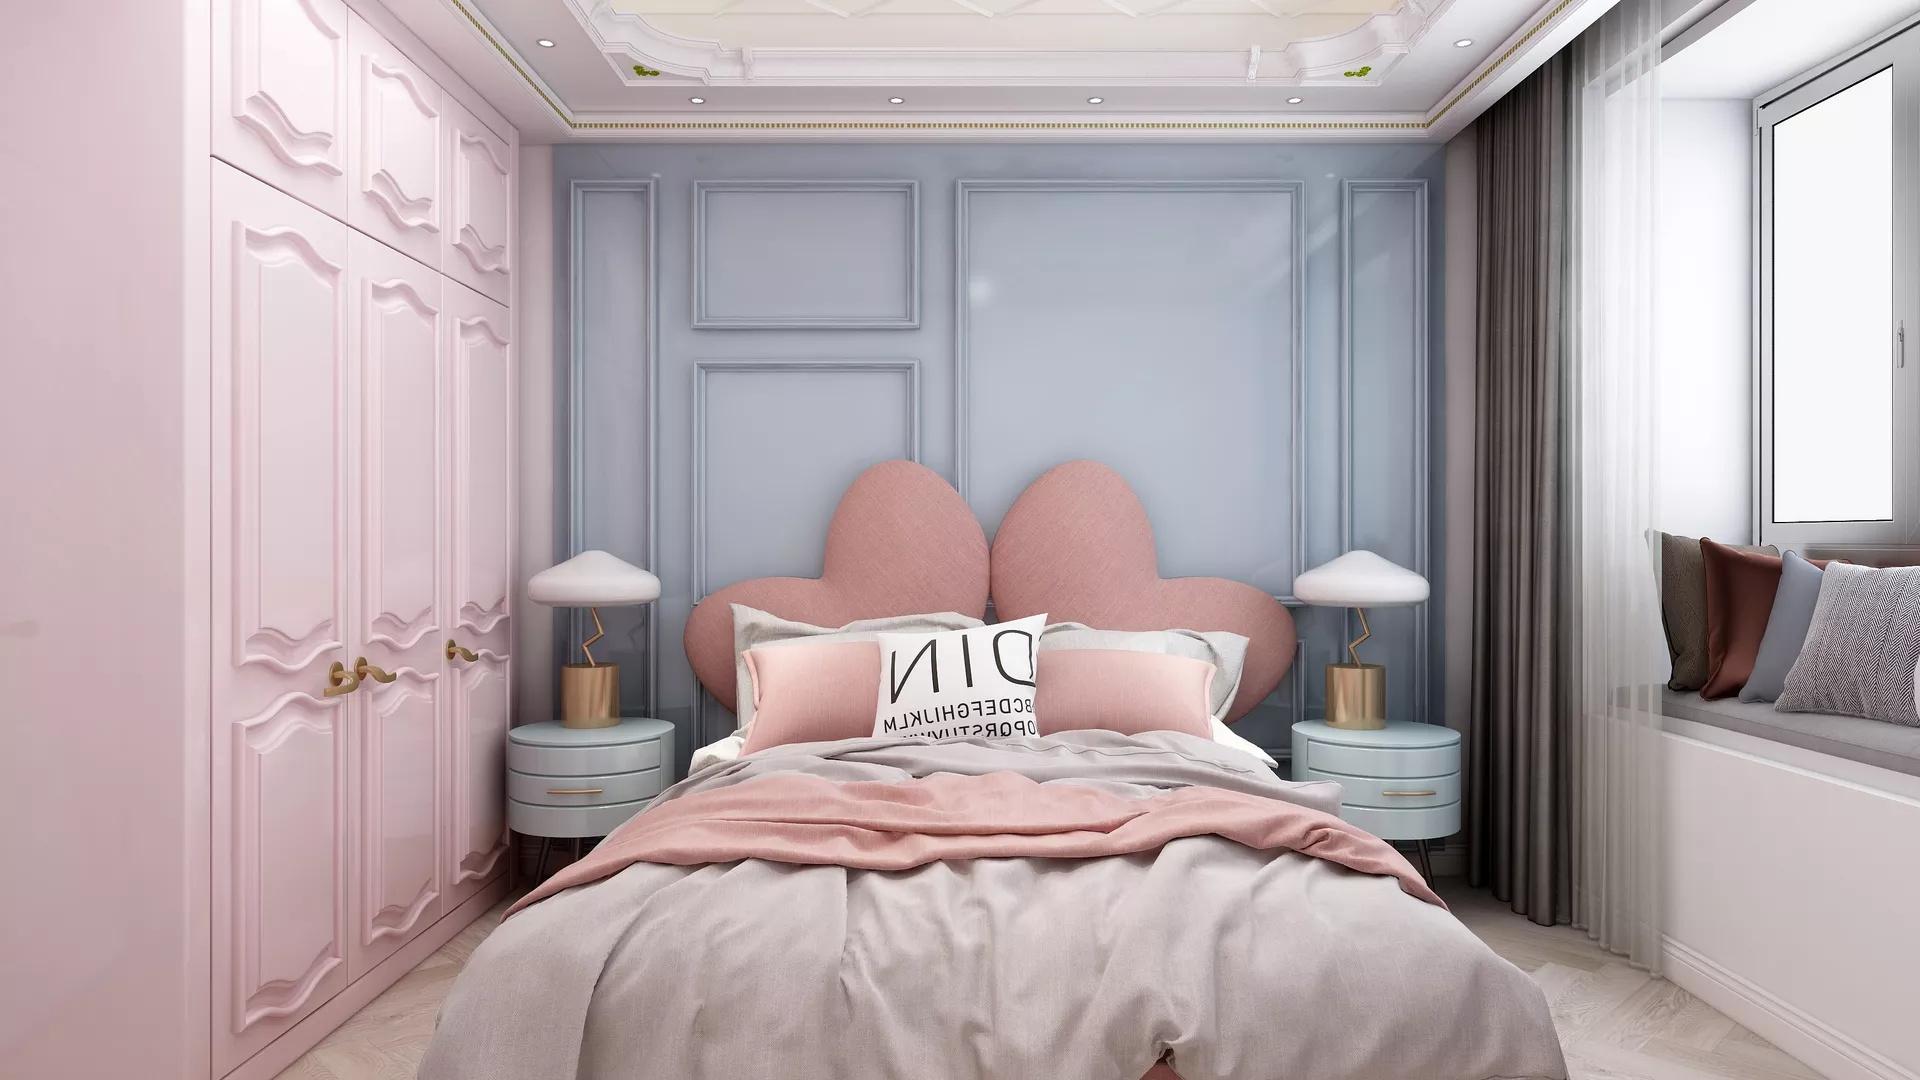 别墅客厅怎么装修设计 别墅客厅的装修设计图